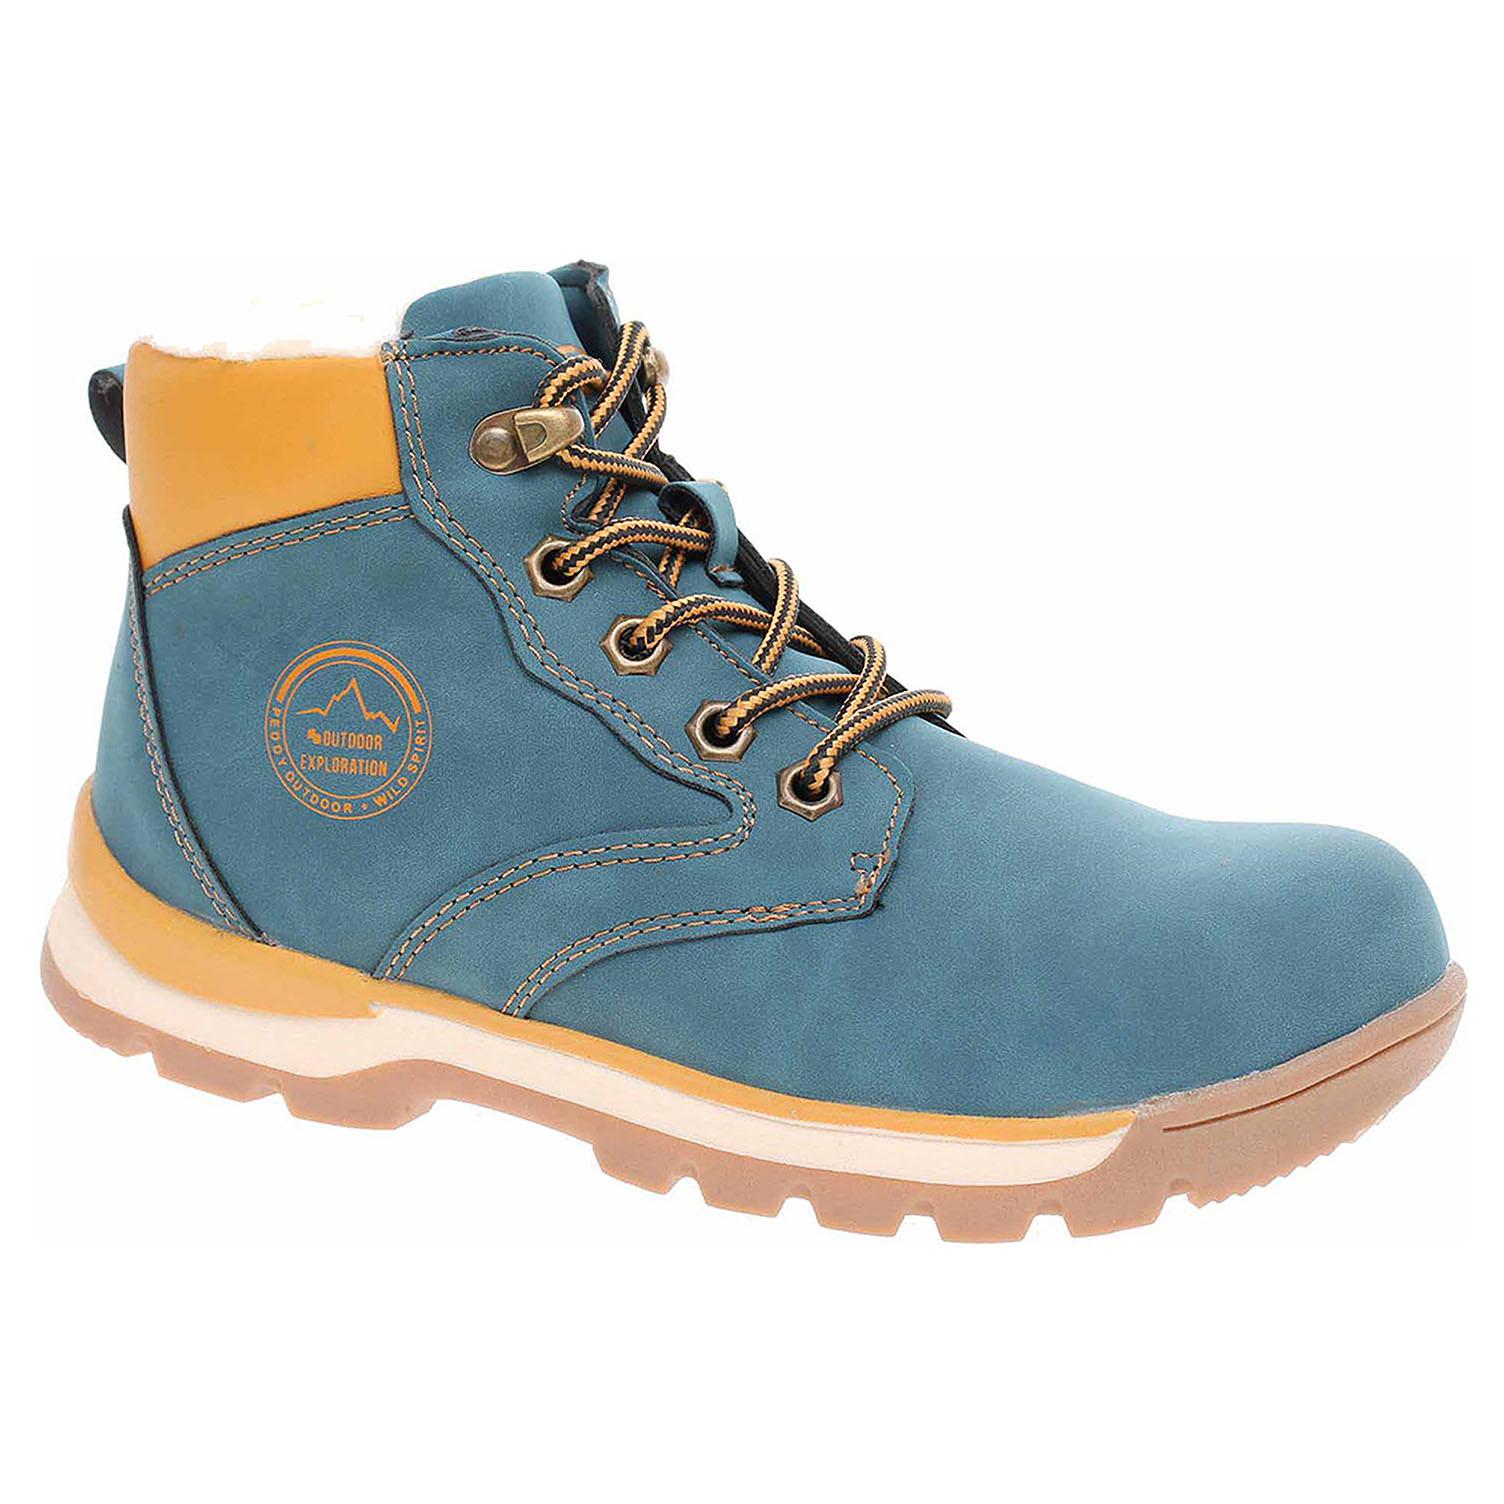 94467503f9d0 Ecco Chlapecká kotníková obuv Peddy P1-536-37-04 navy 29400106